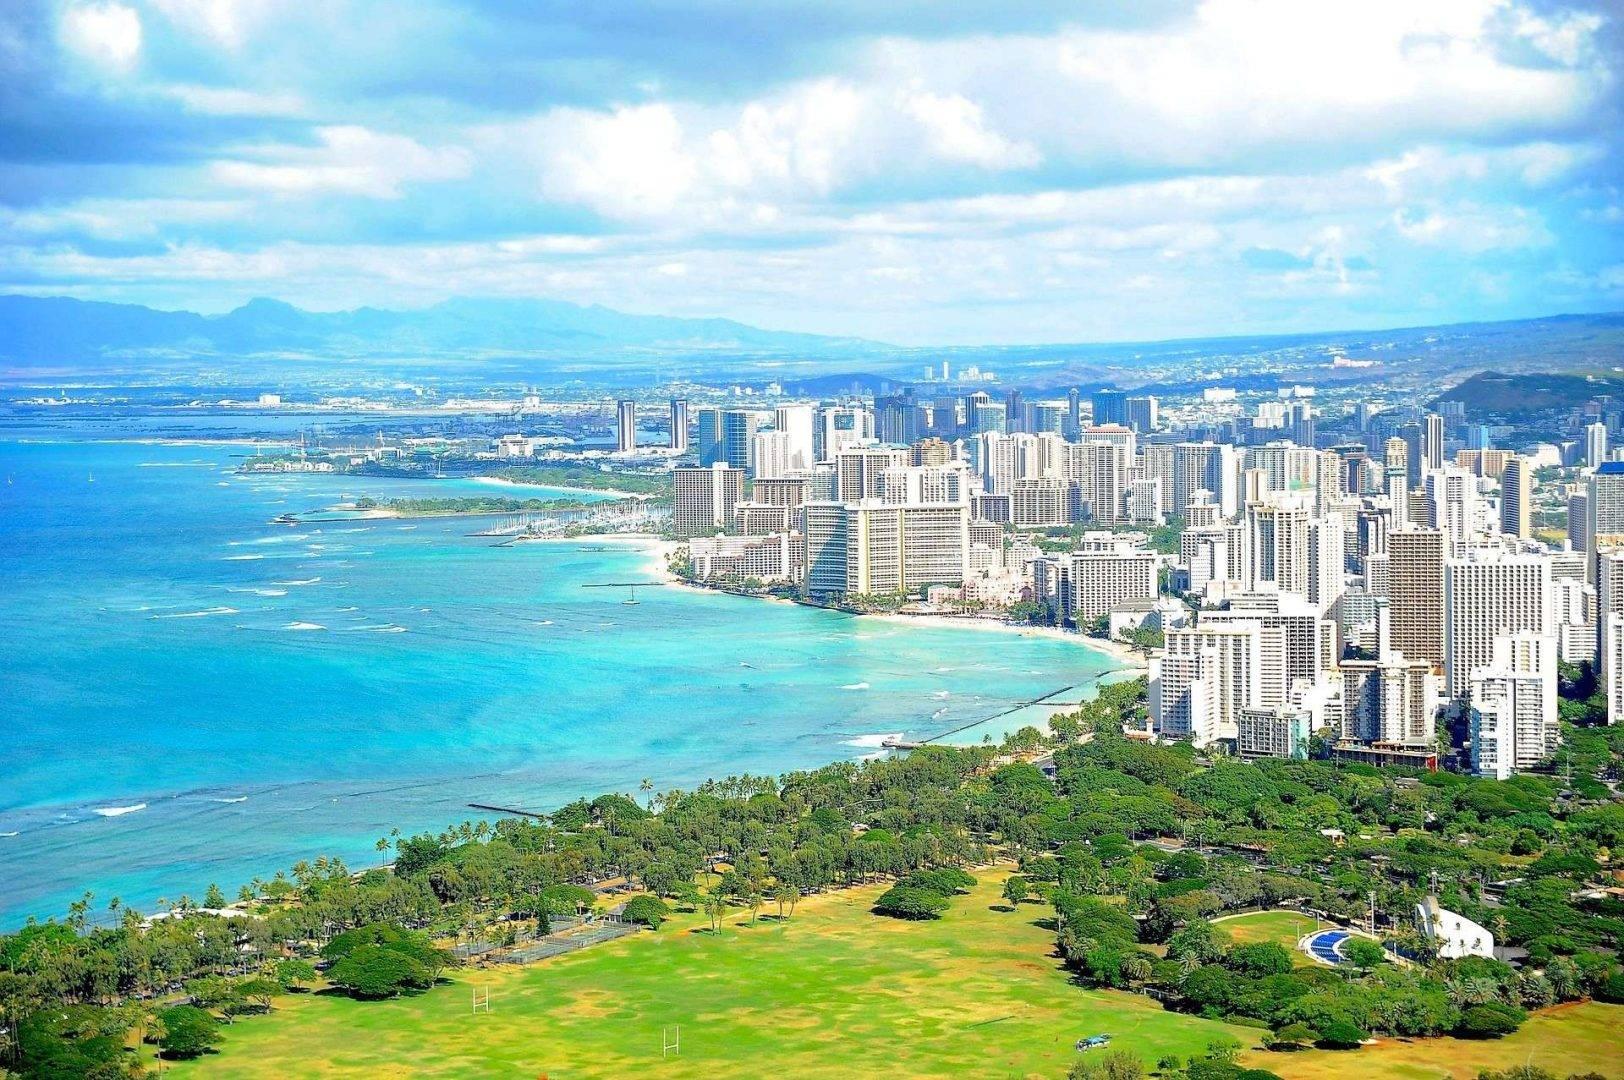 Hawajski Ekspress wyjazd firmowy do USA